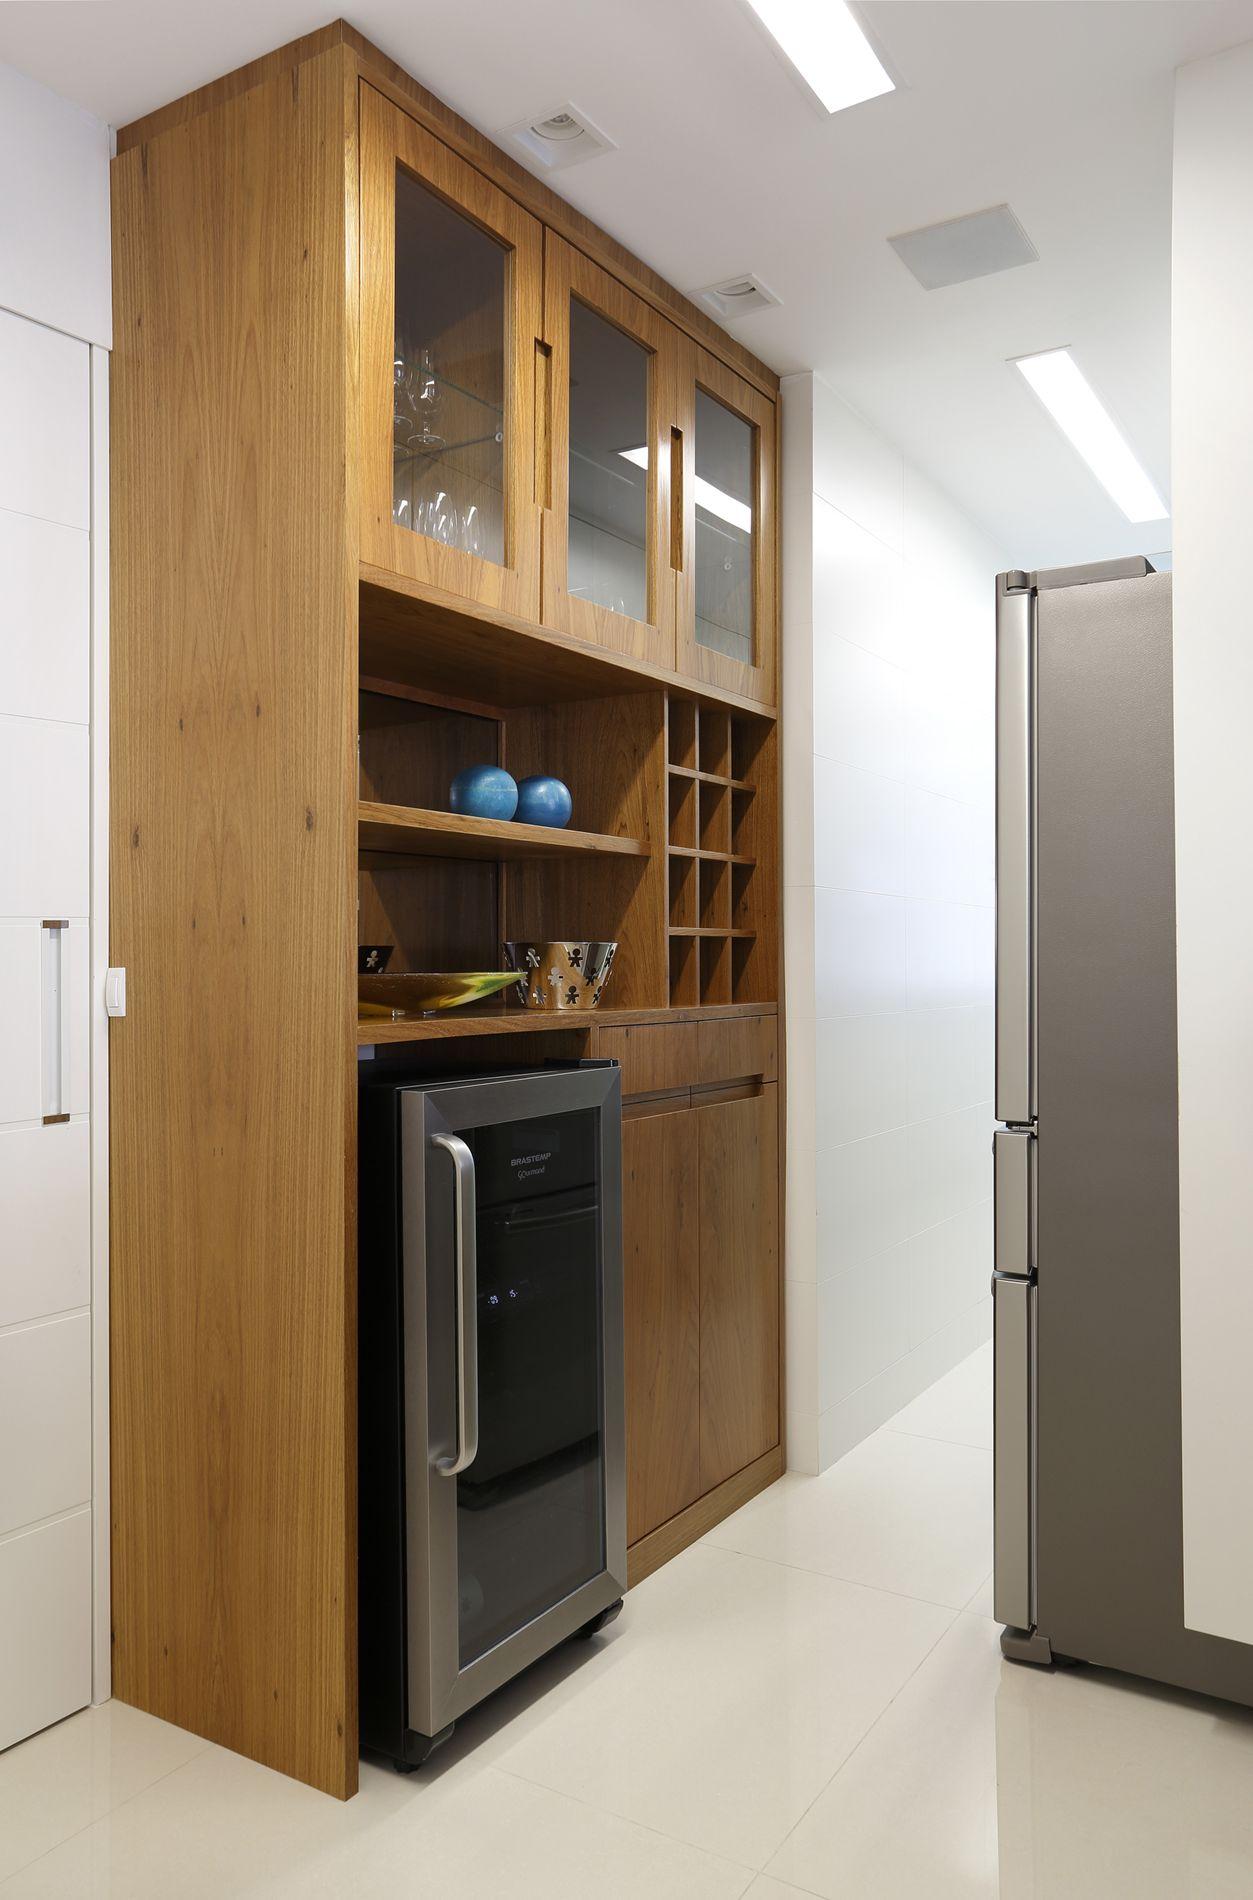 Projeto de Arquitetura e Decoração para Cozinhas Pequenas em  #8E6B3D 1253 1900